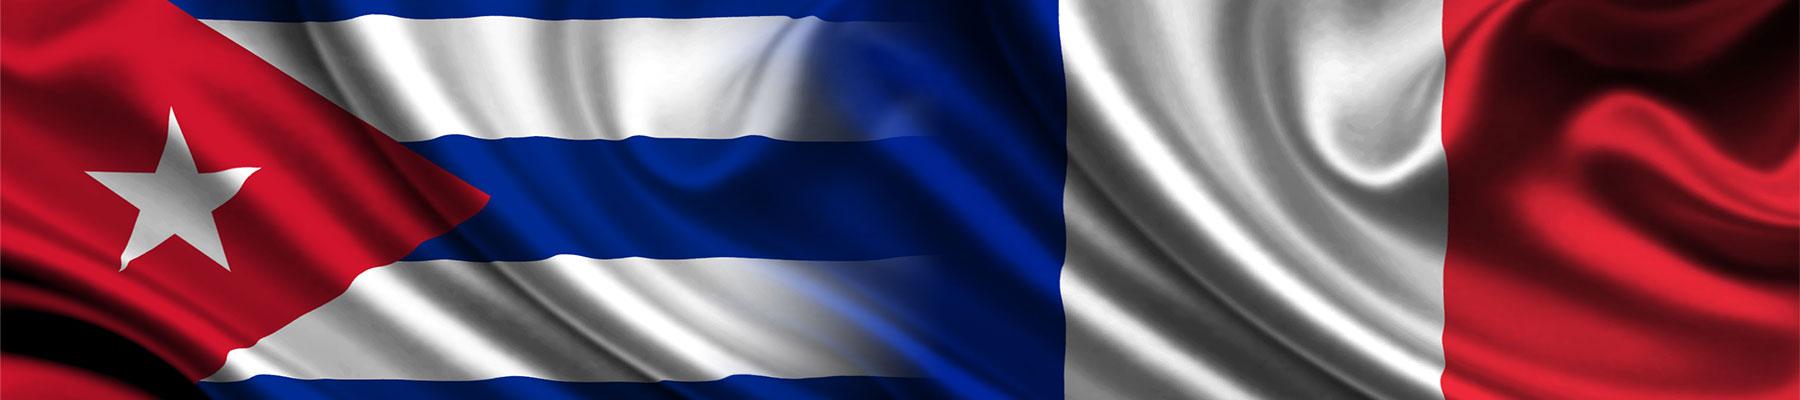 Envío de paquetes a Cuba desde Francia